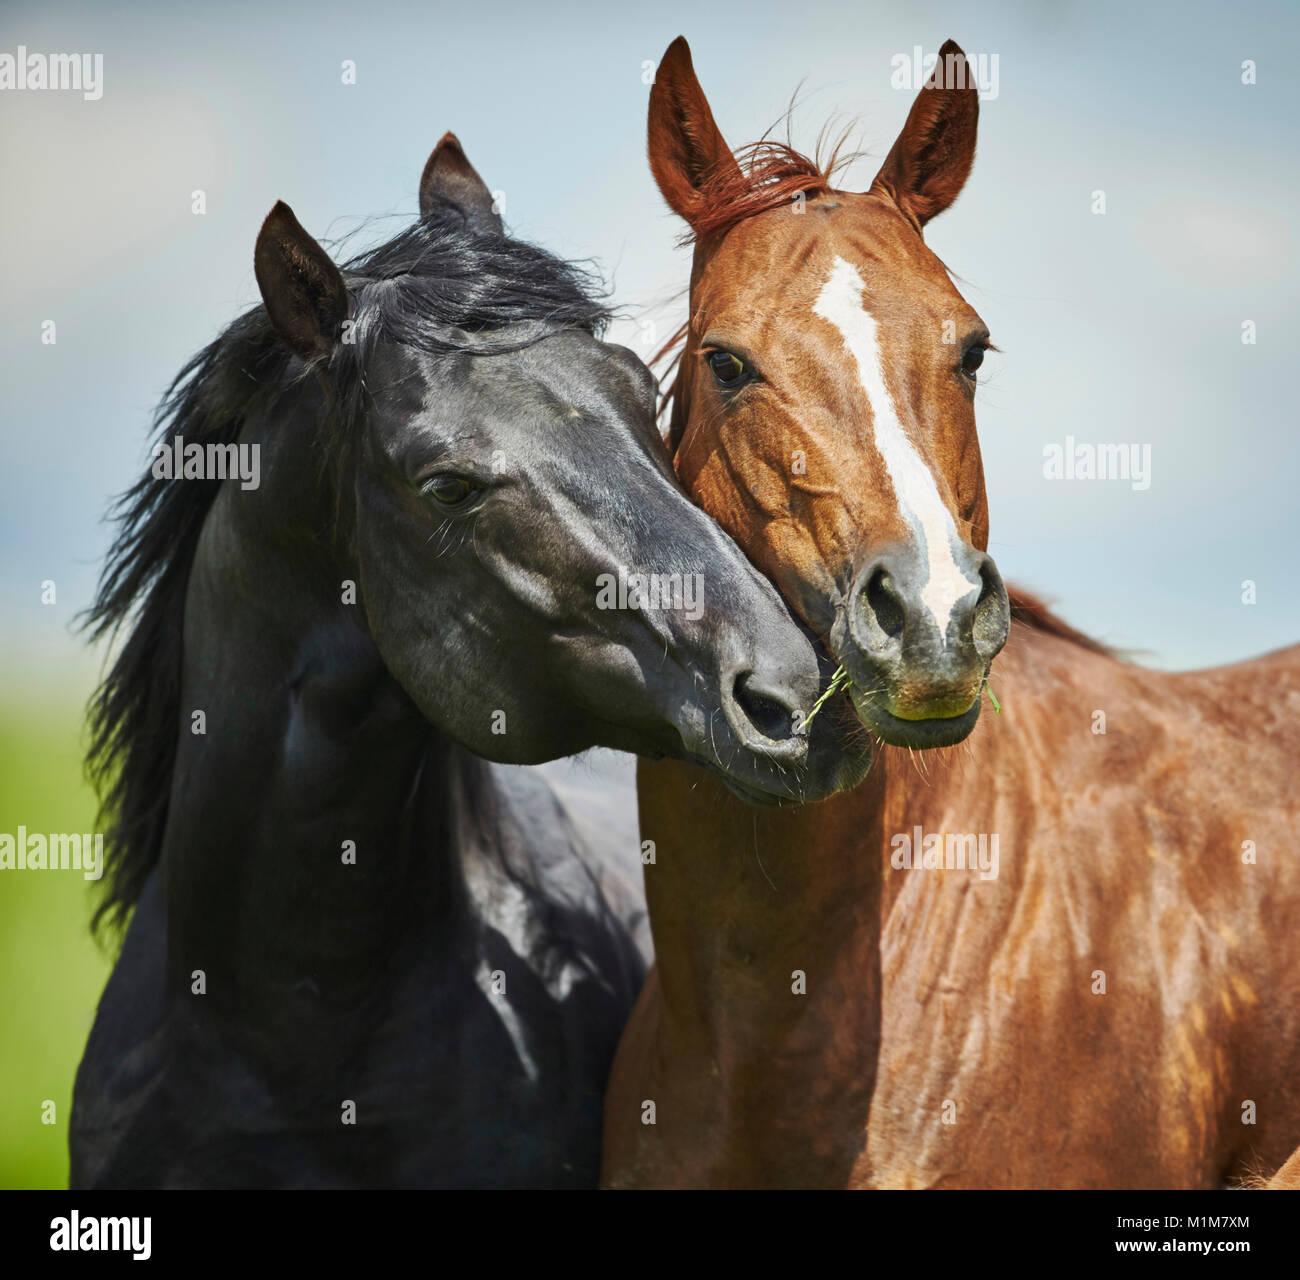 American Quarter Horse. Semental negro cortejando una yegua castaña en una pradera. Alemania Imagen De Stock